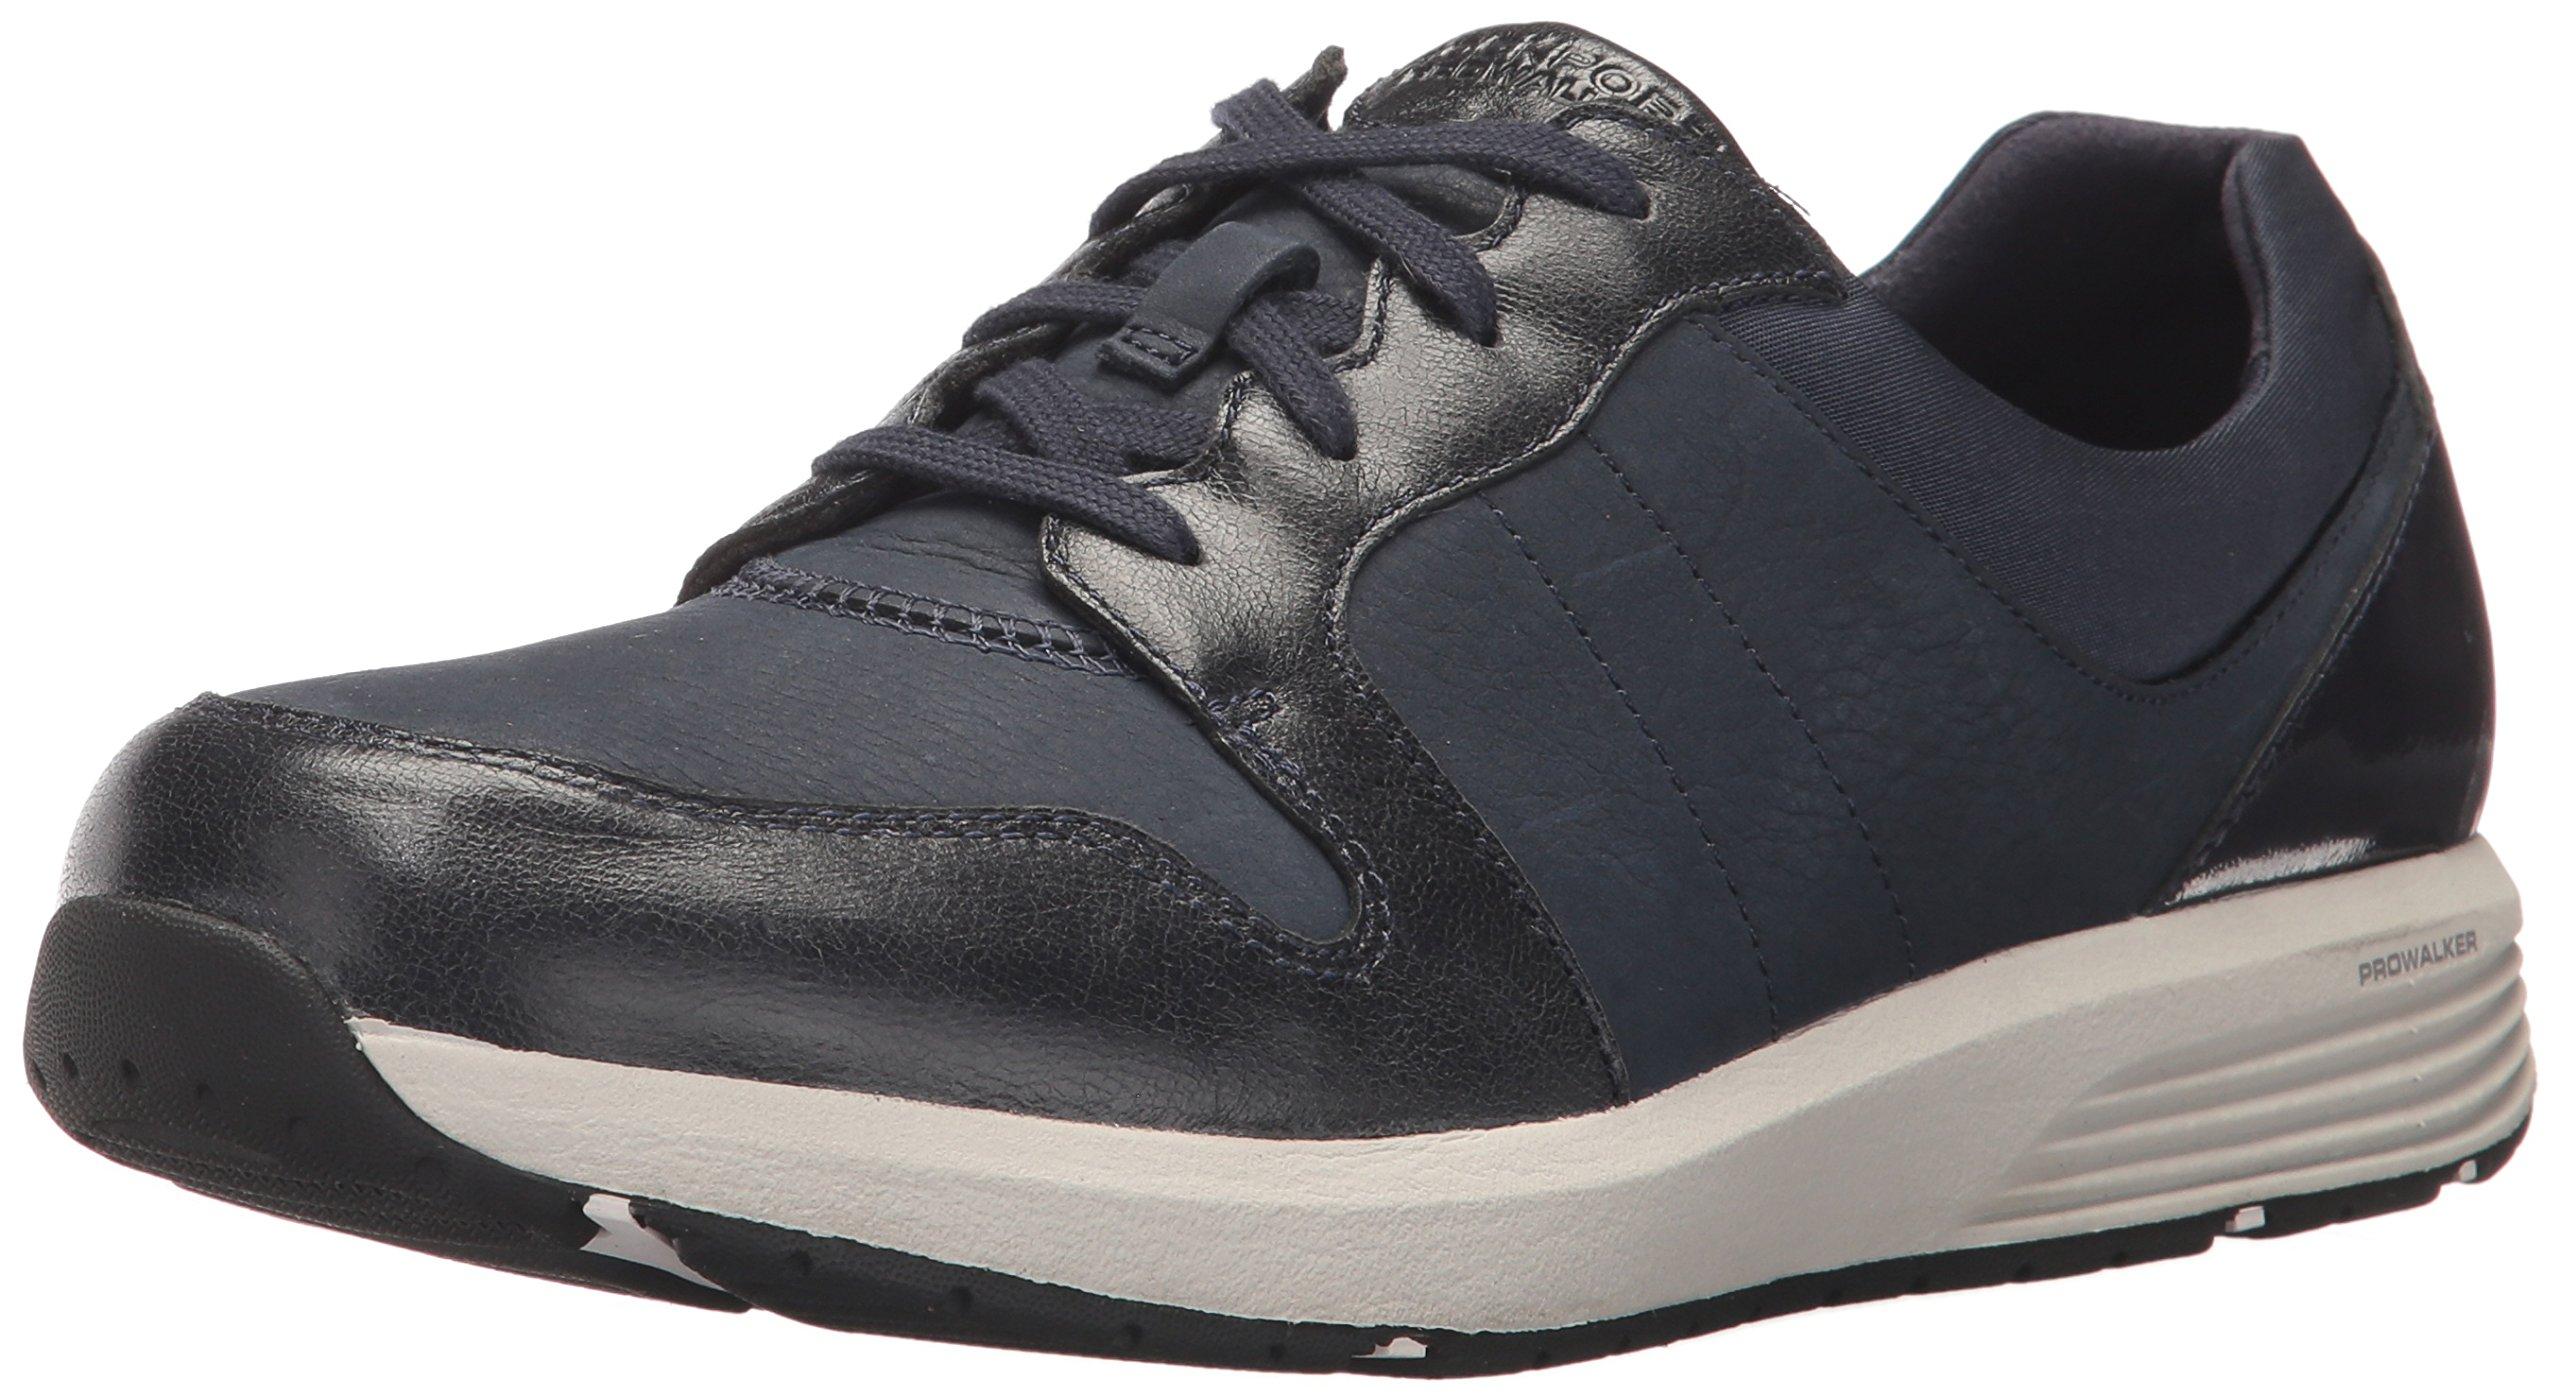 Rockport Women's Trustride Derby Trainer Fashion Sneaker, Dark Blue, 8.5 M US by Rockport